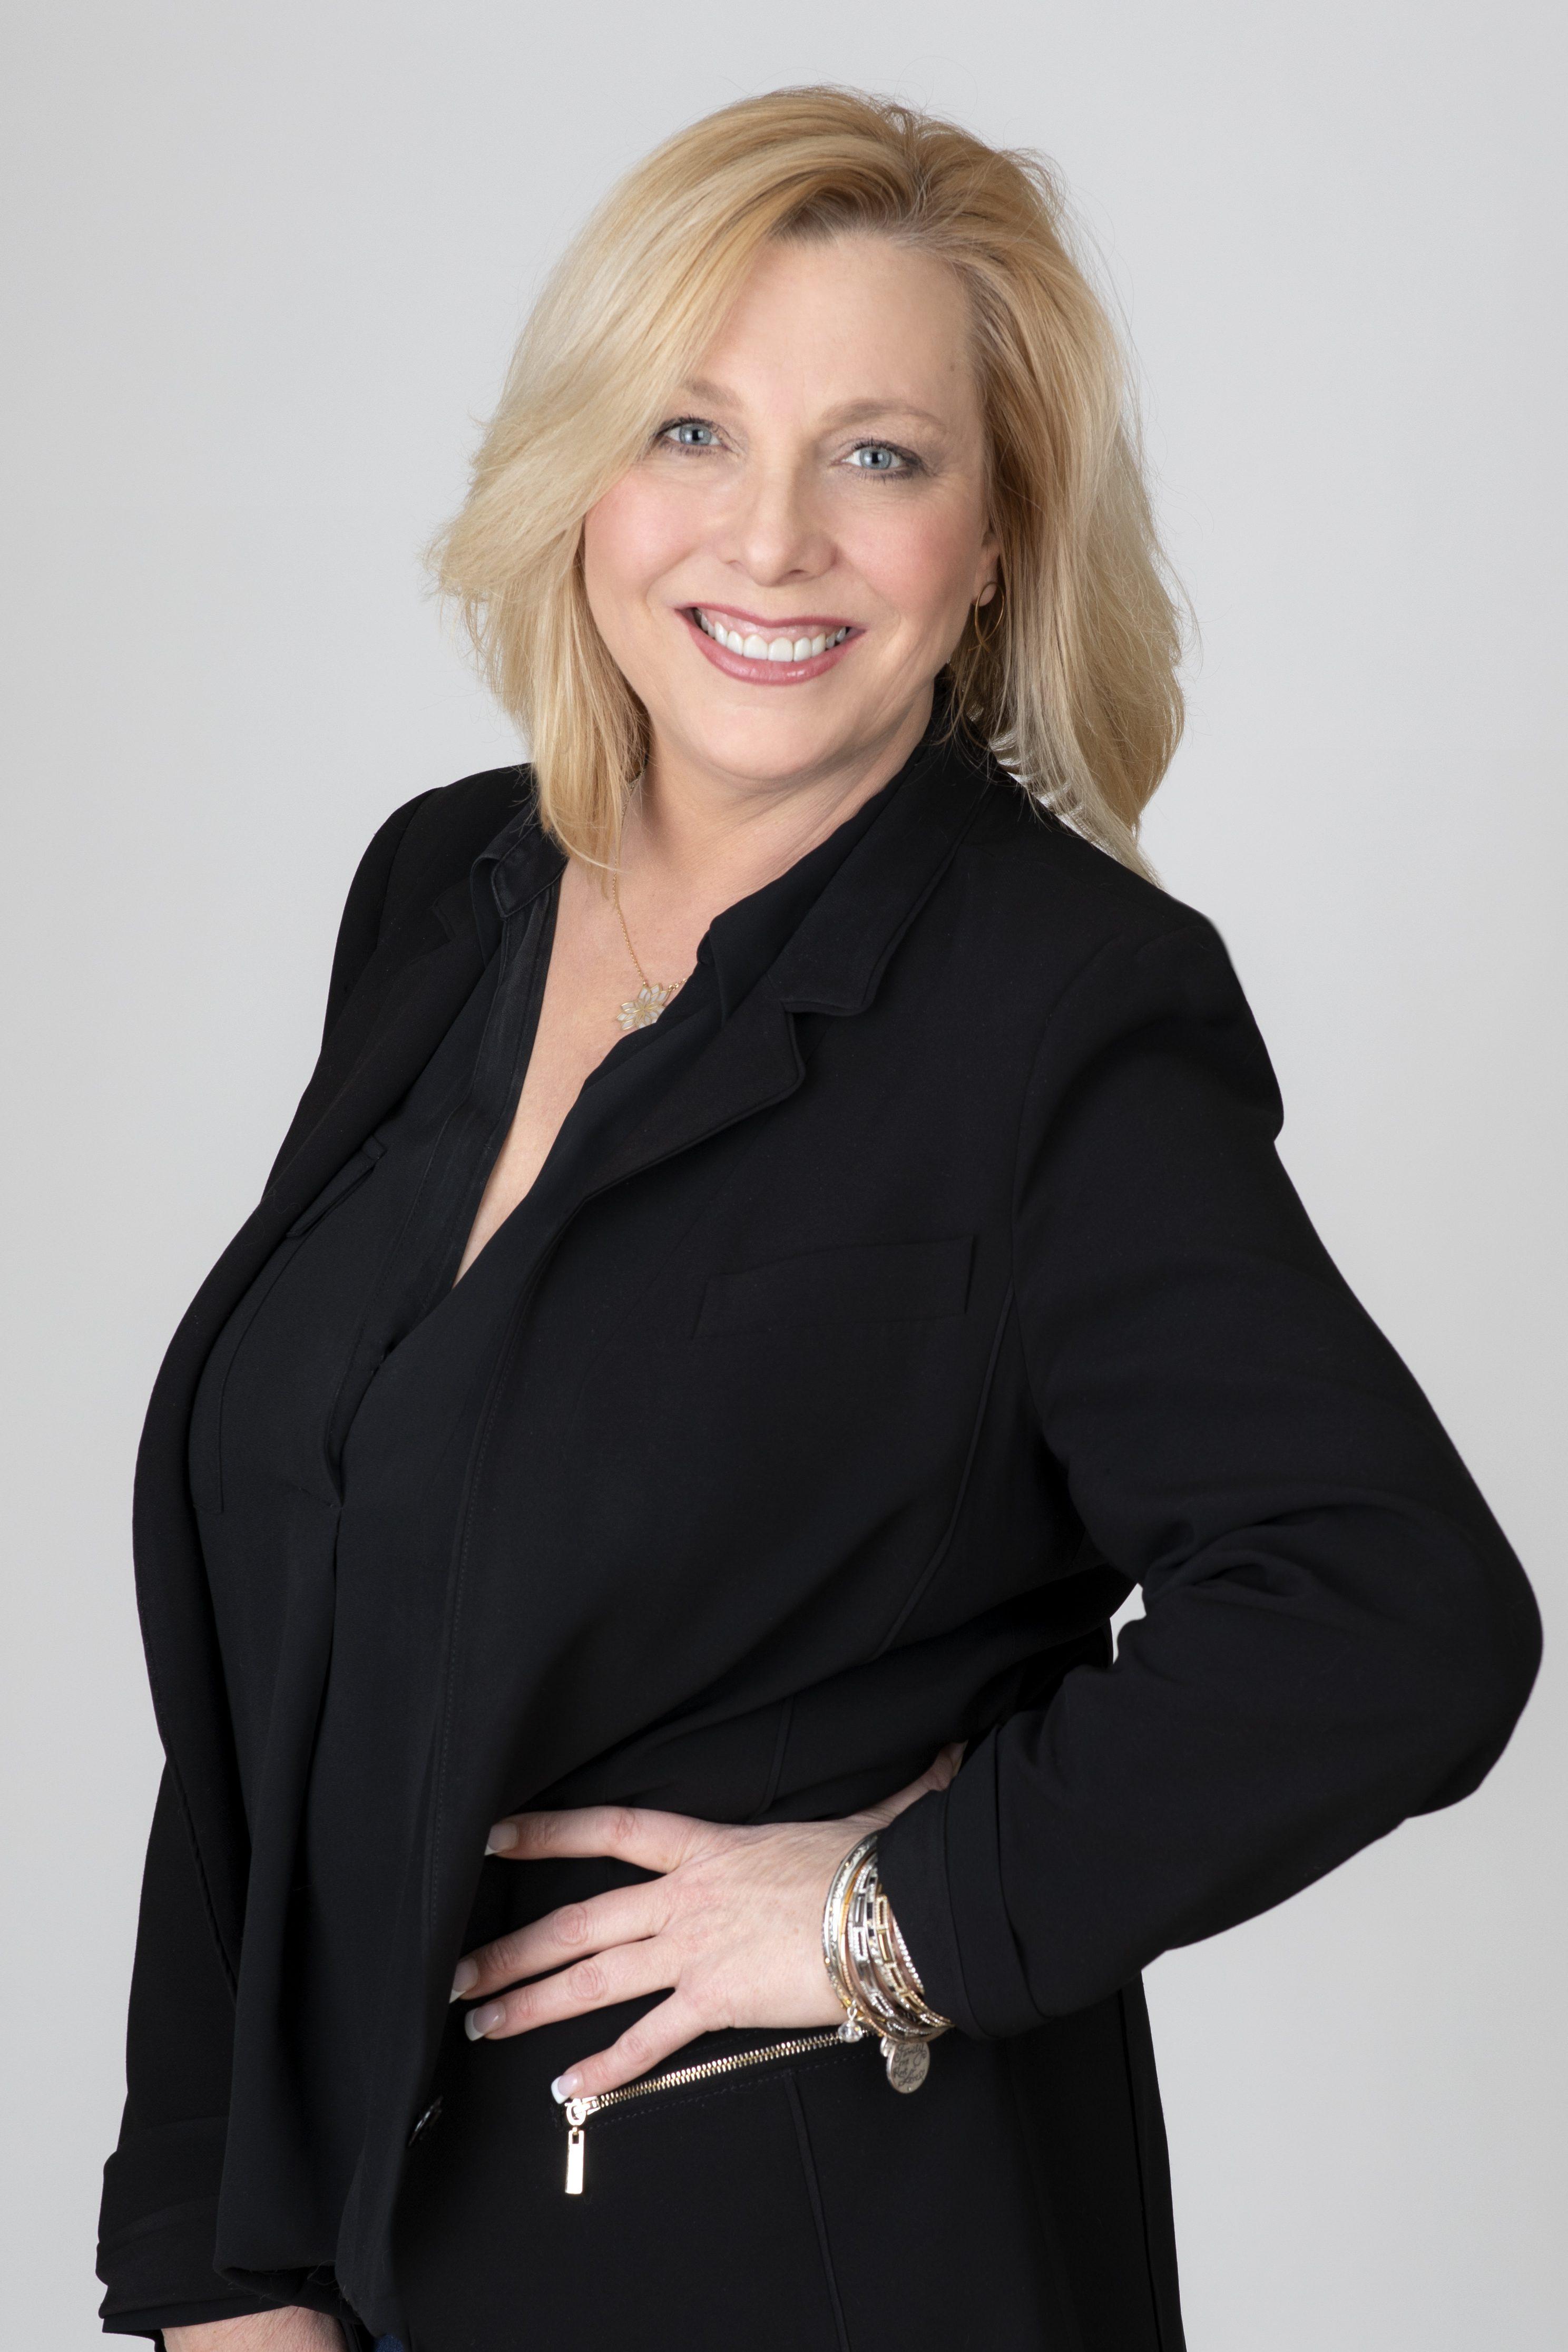 Lori Fay, President